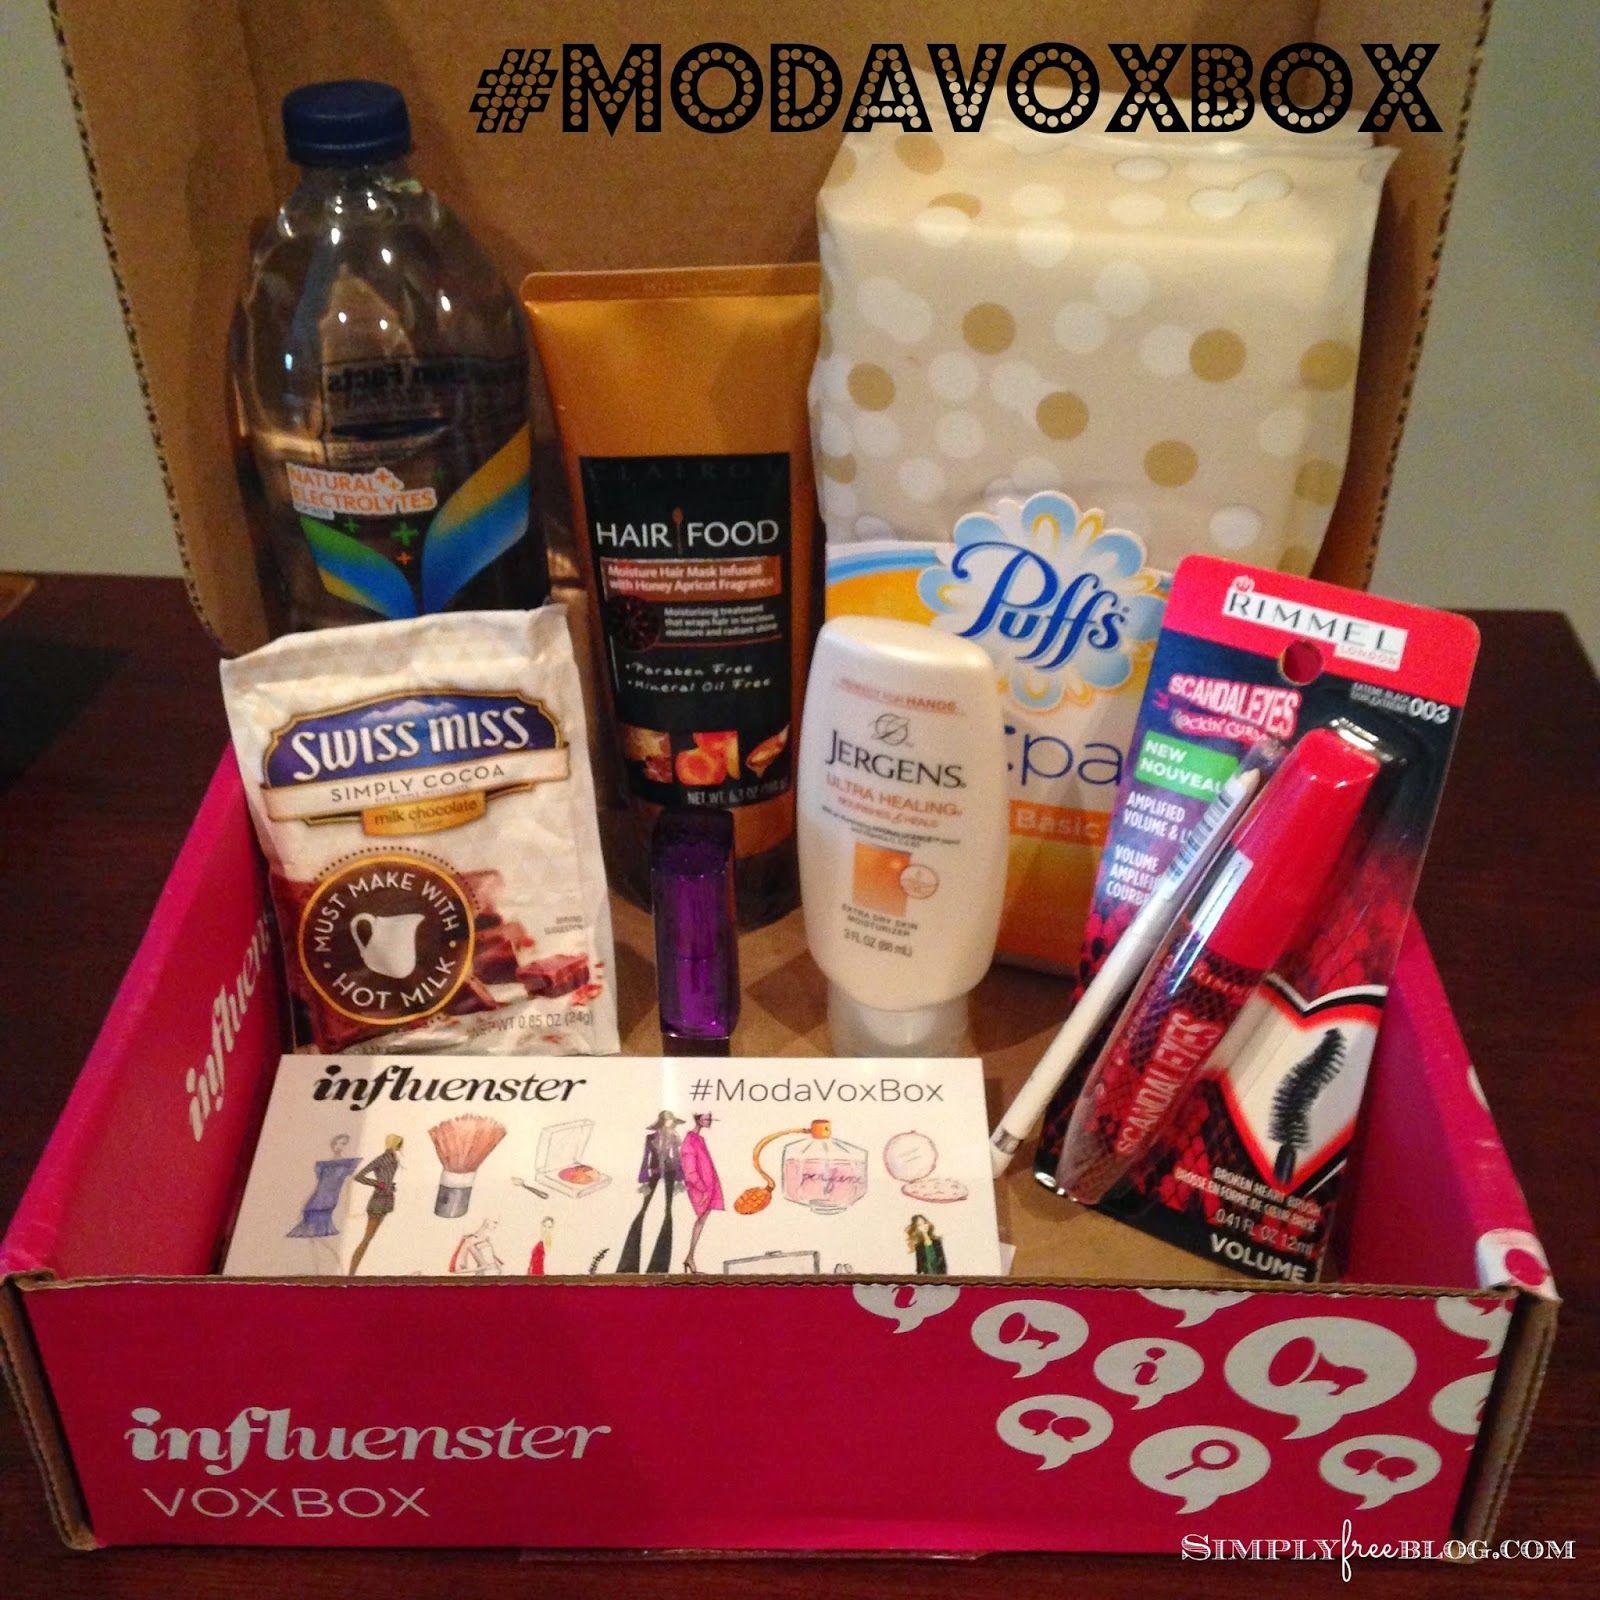 #modavoxbox